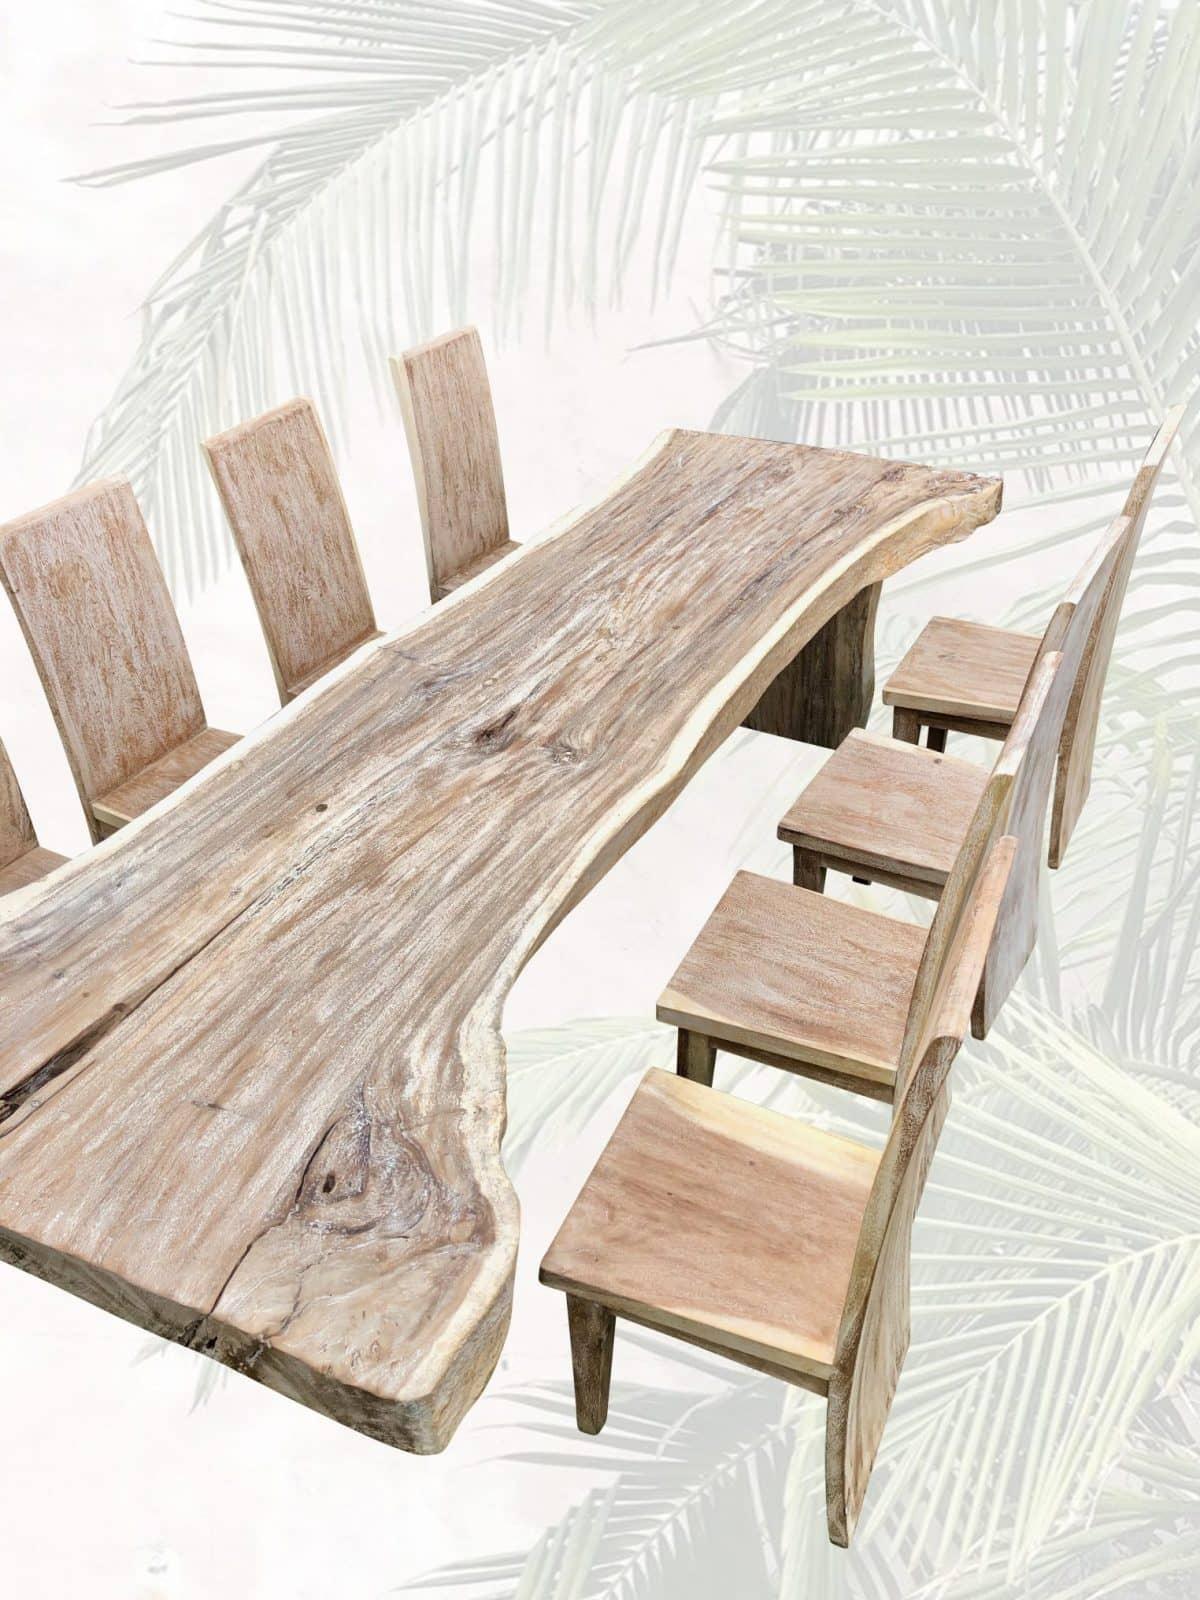 Dari-Asia-handgefertigte-Moebel-Tische-Unikate